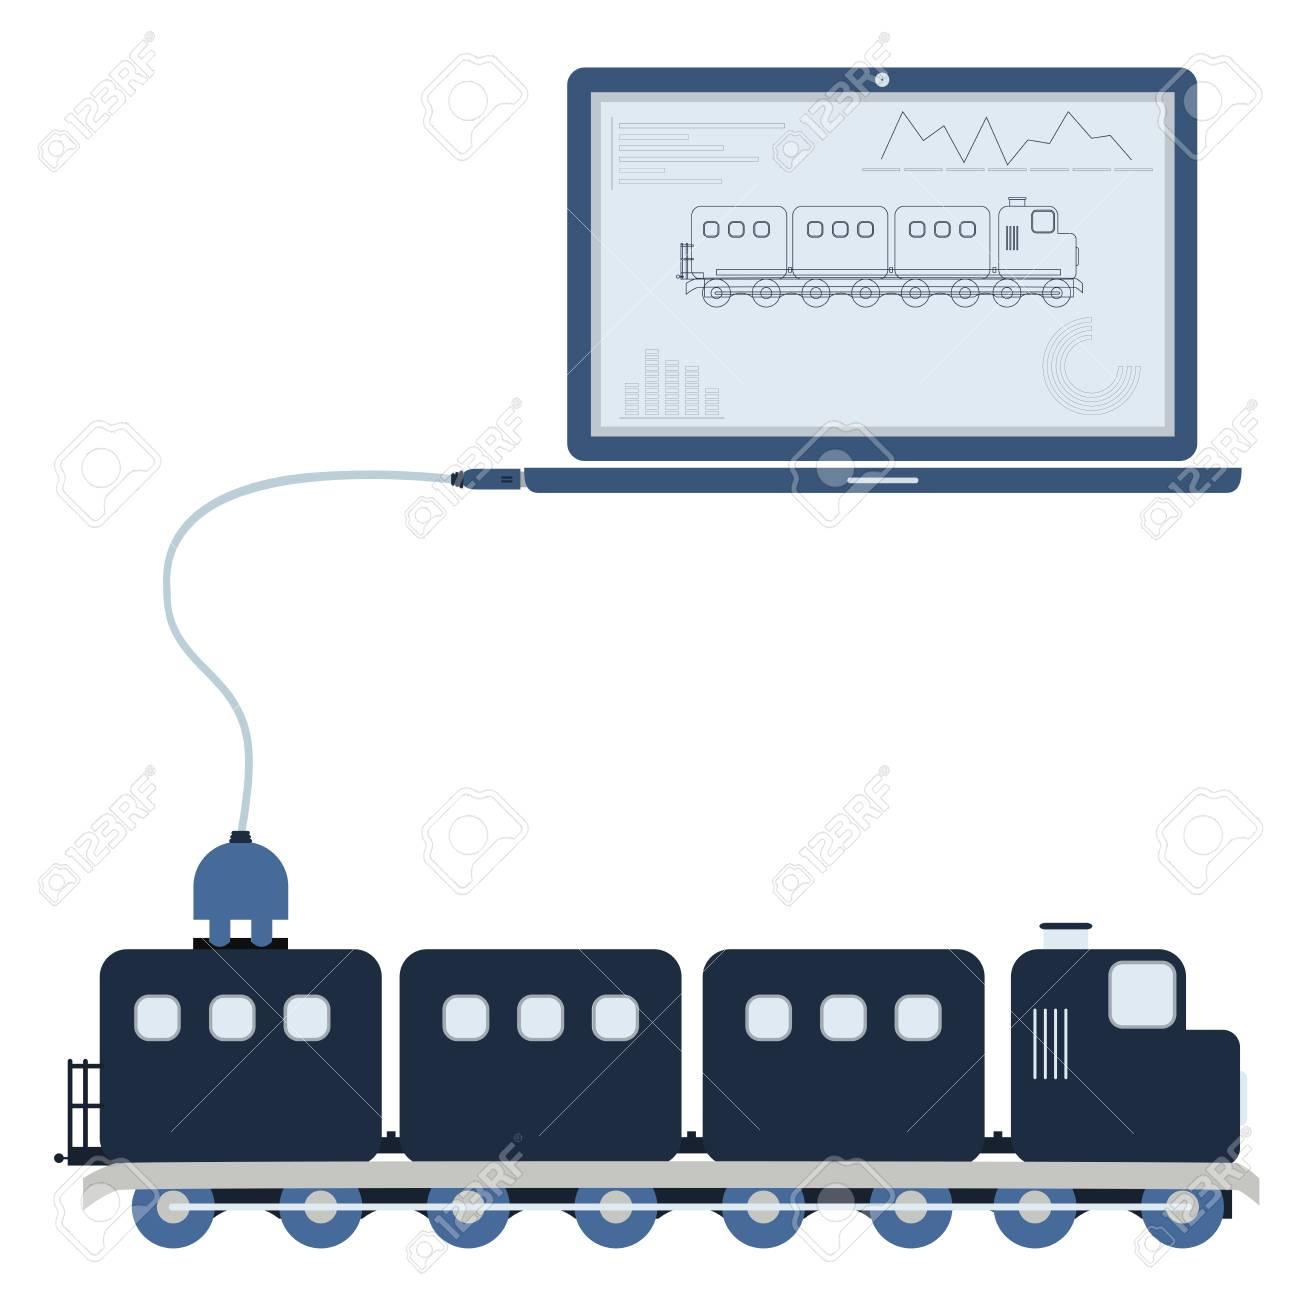 Fantastisch Usb Kabel Diagramm Fotos - Die Besten Elektrischen ...